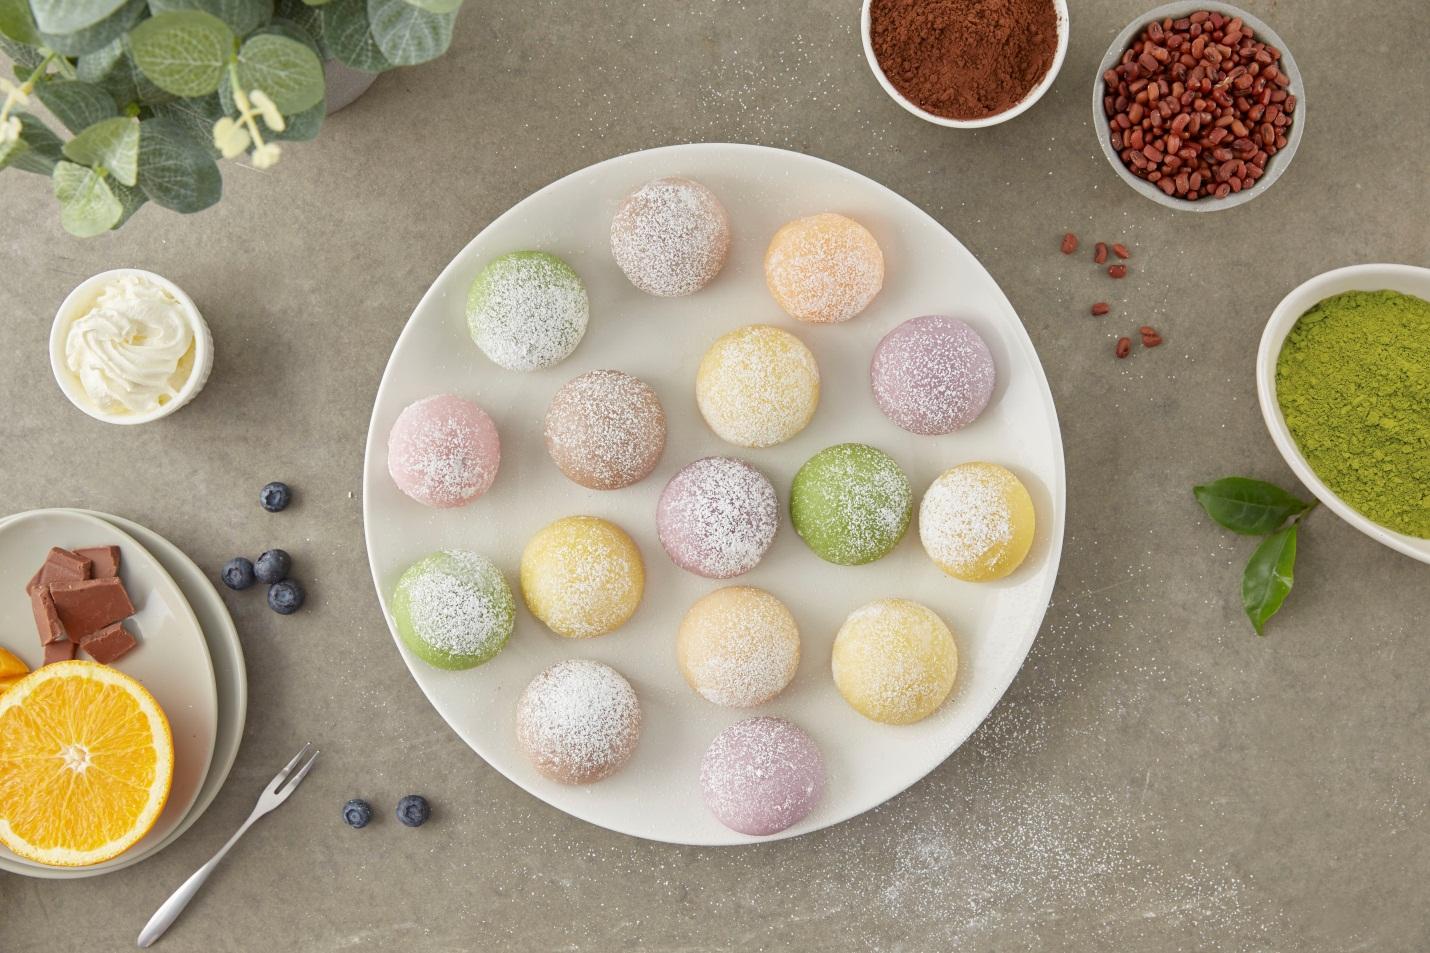 Hộp quà tặng Trung thu Mochi Sweets - Nét cổ truyền trong lòng hiện đại - Ảnh 2.